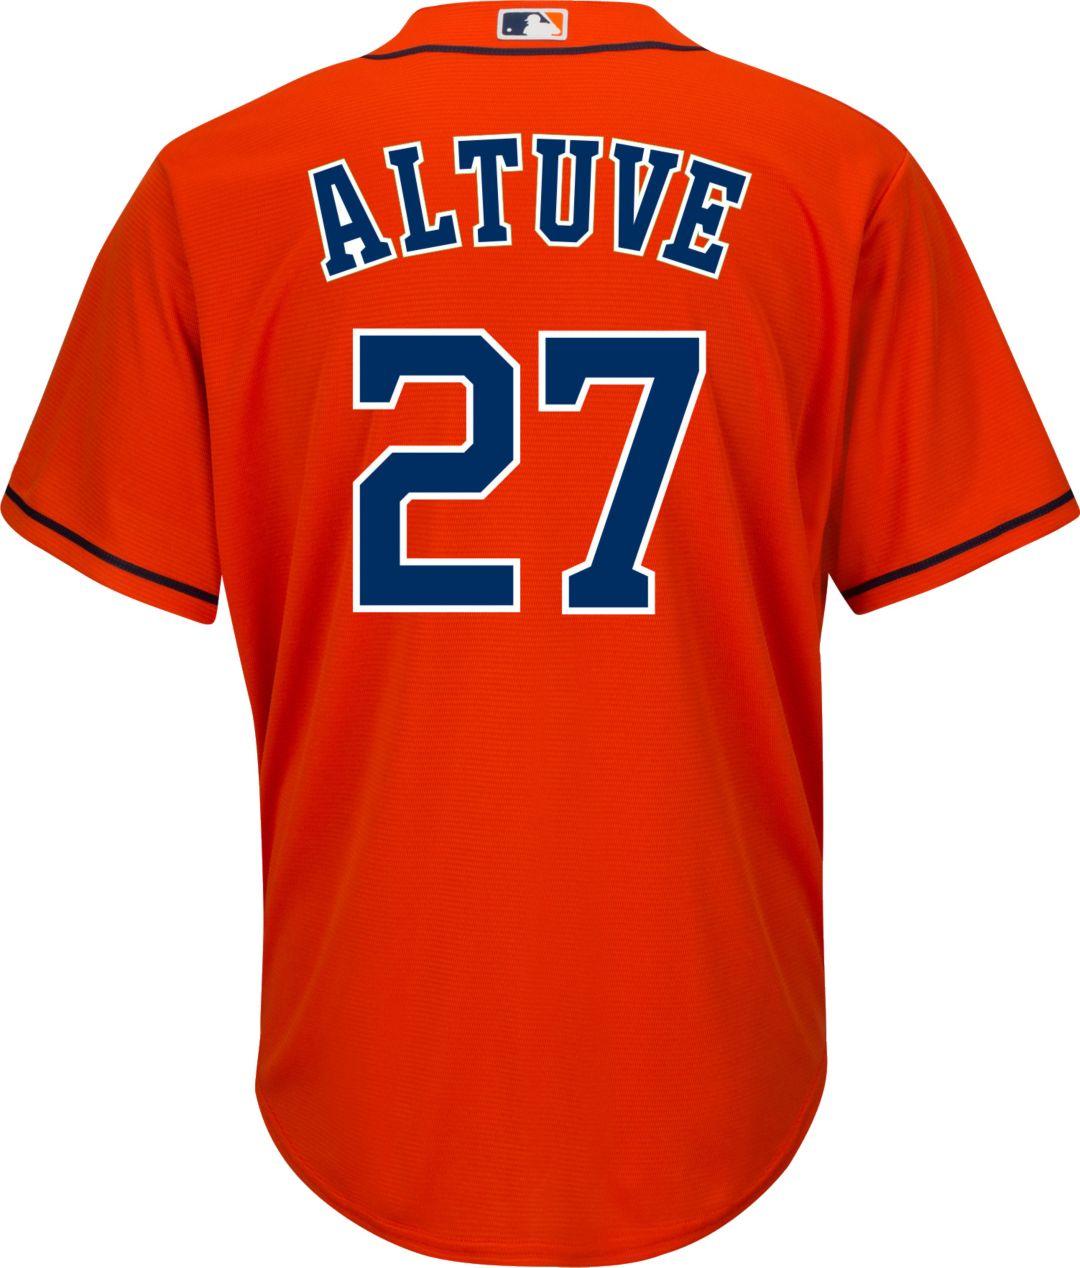 sale retailer 6fc12 5b4d4 Youth Replica Houston Astros Jose Altuve #27 Alternate Orange Jersey